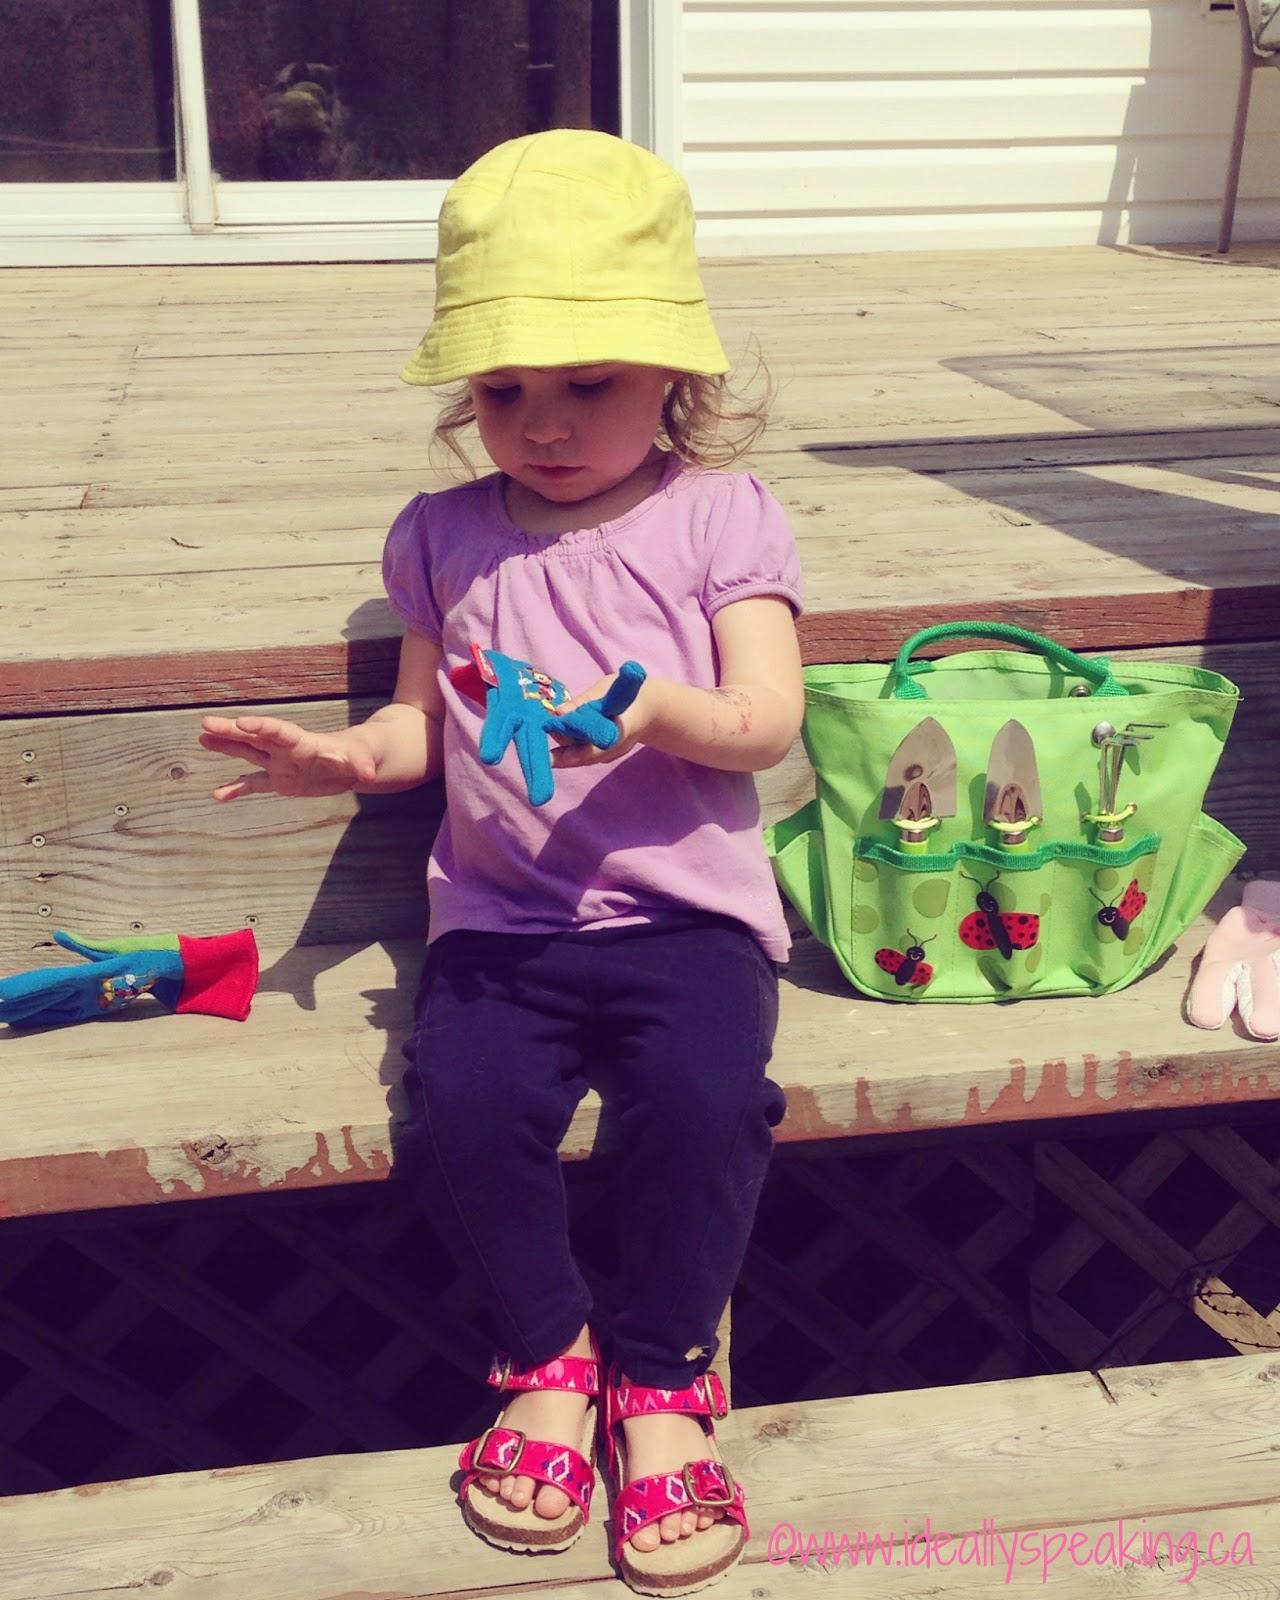 My little garden helper. Toddler sized gardening tools.